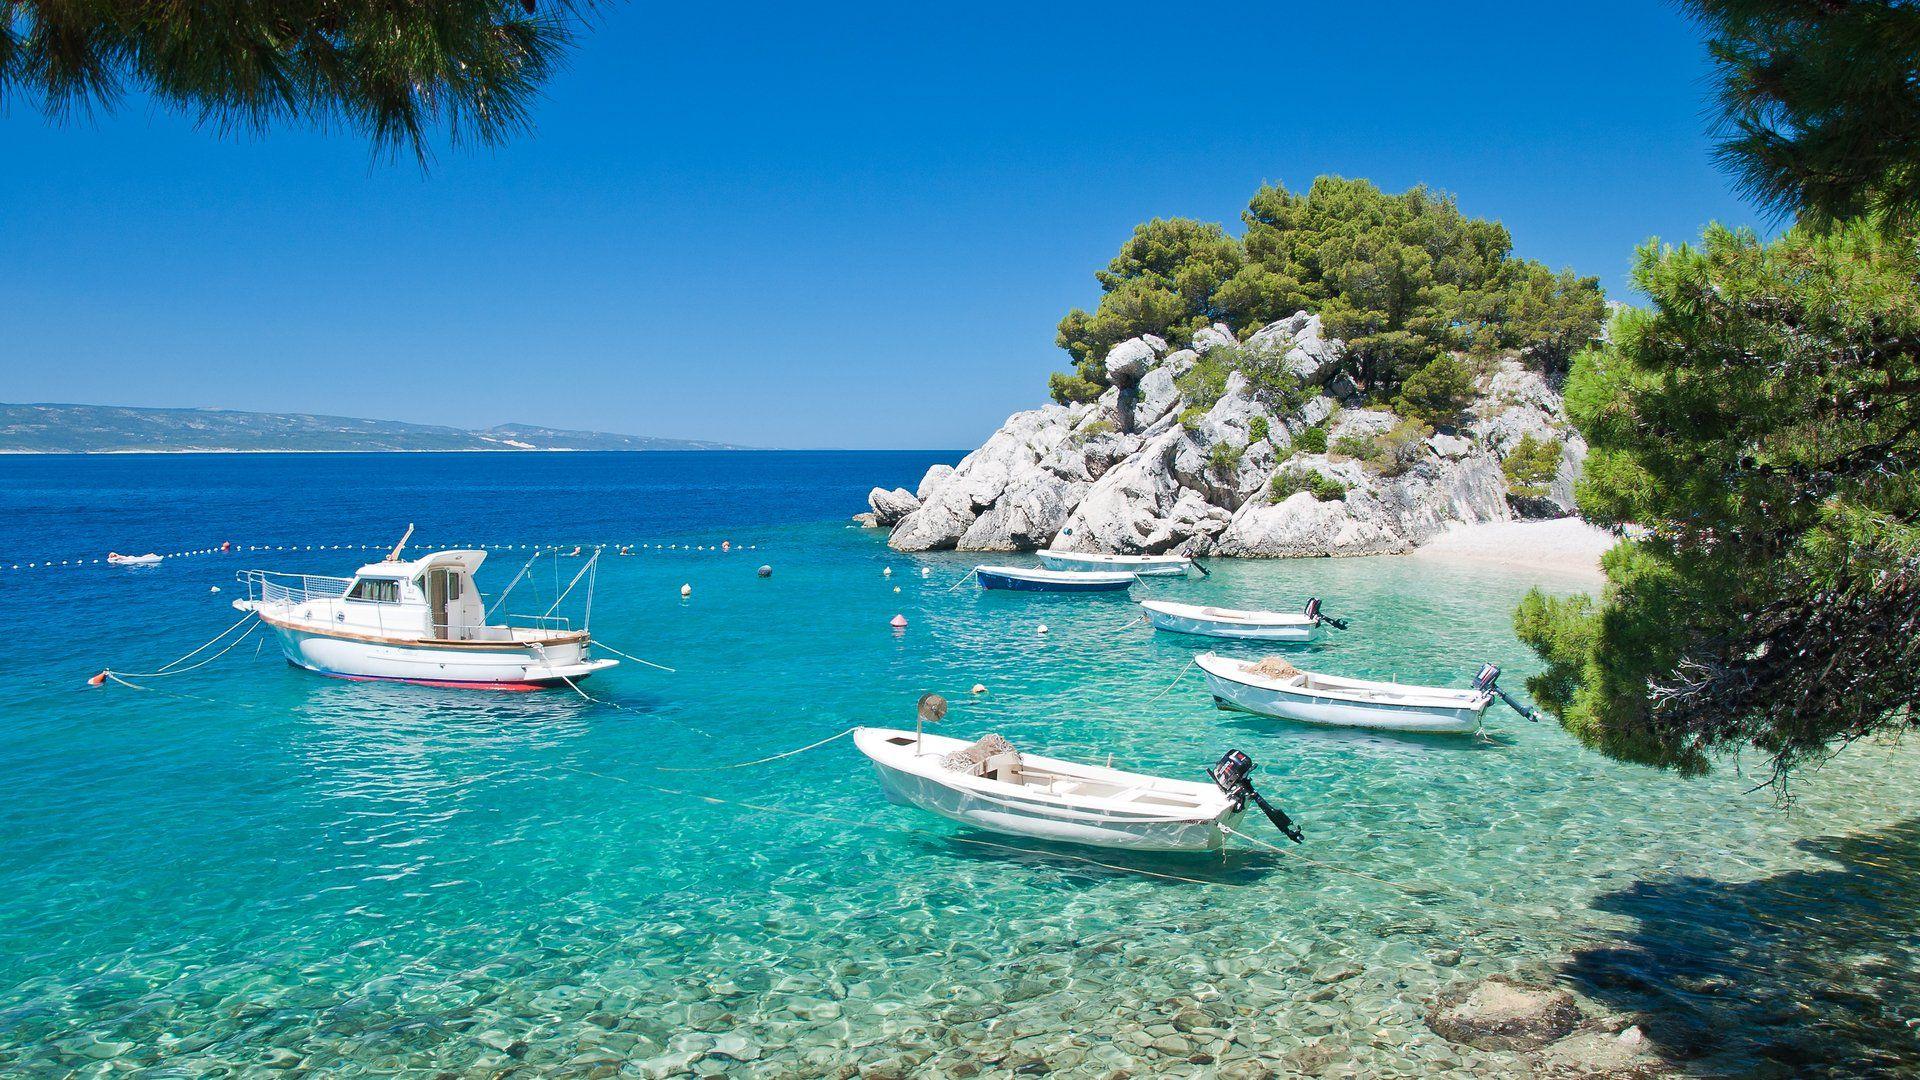 Croatia free image